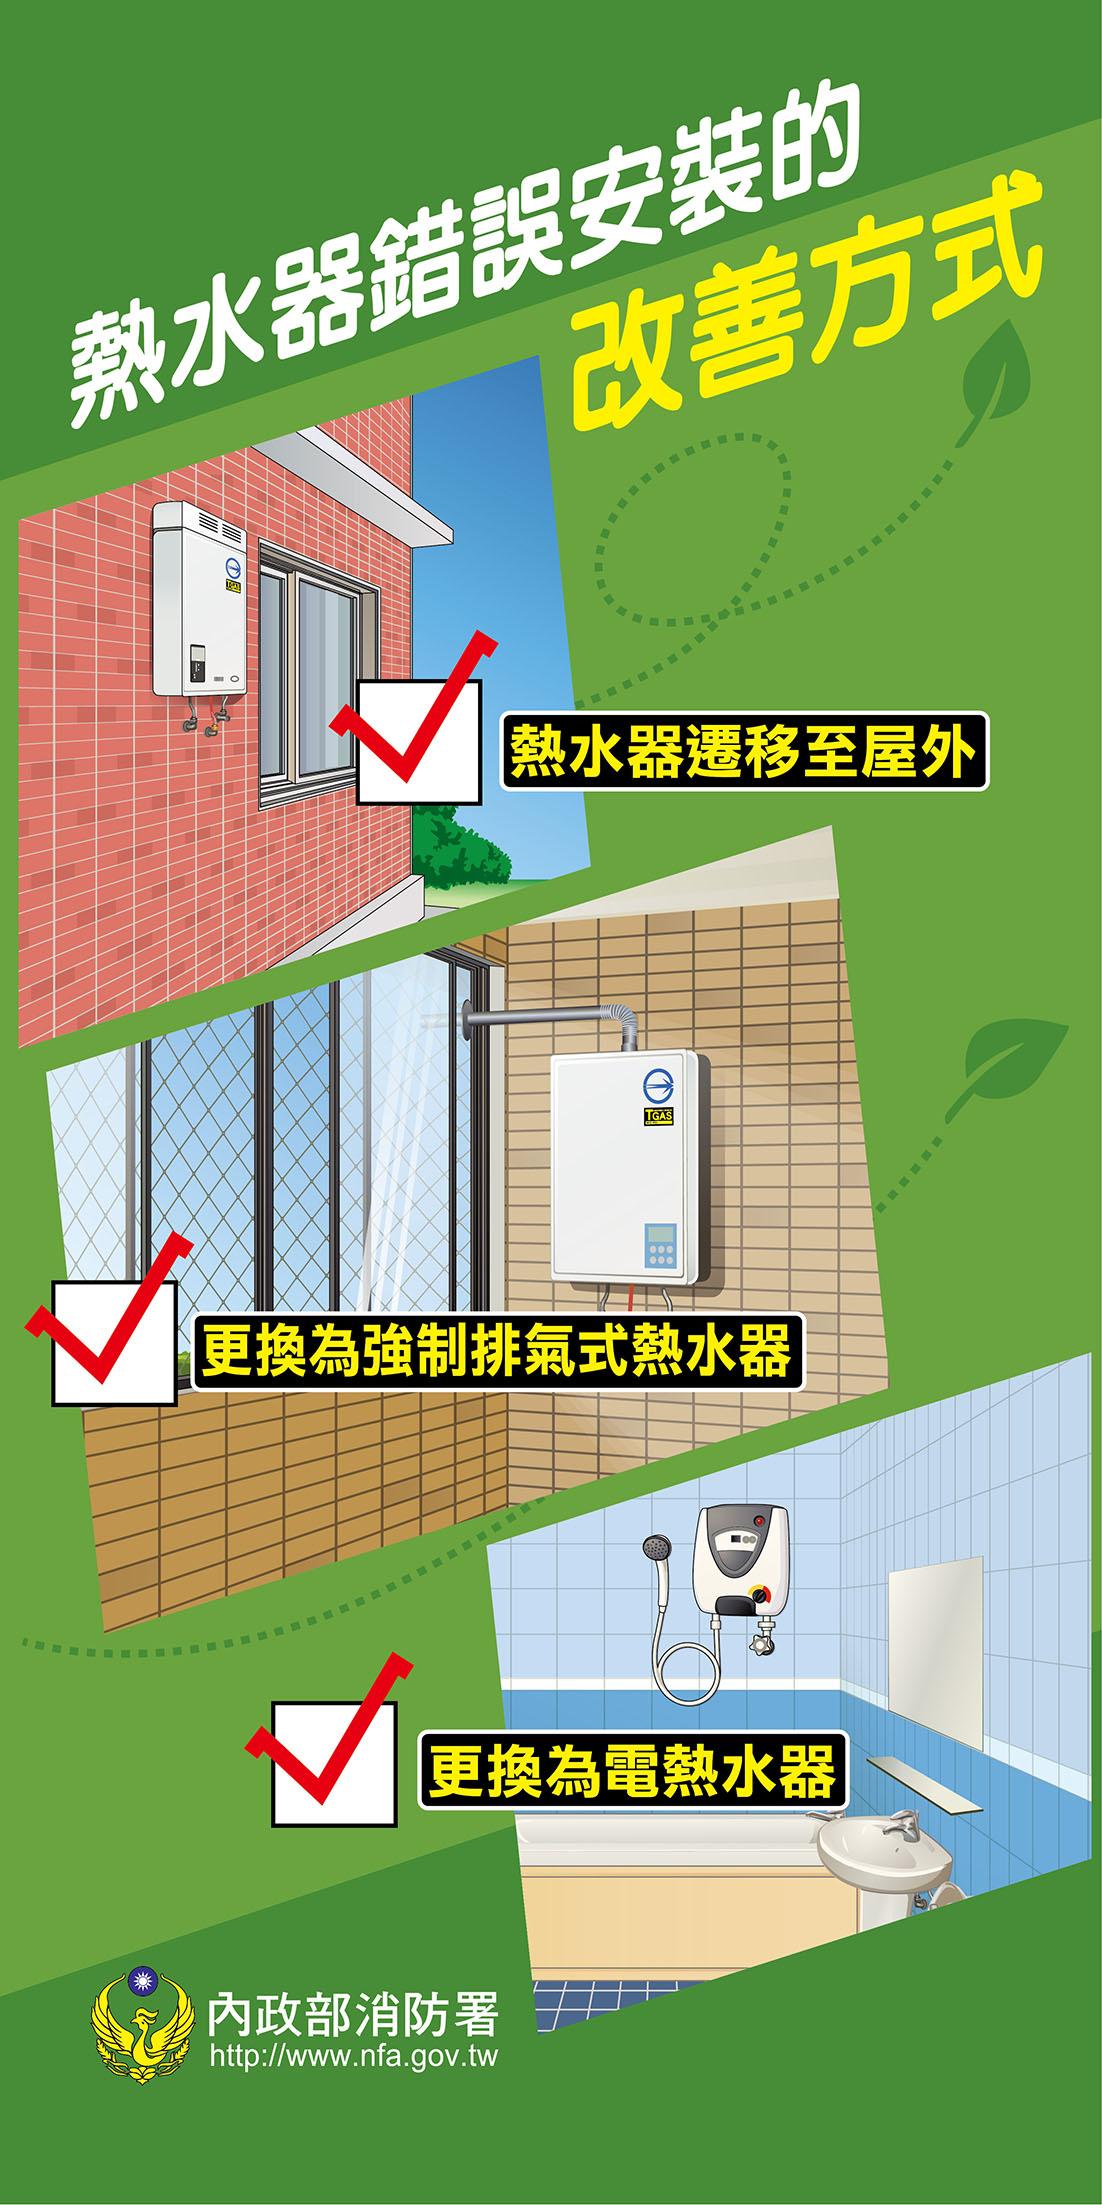 熱水器錯誤安裝的改善方式